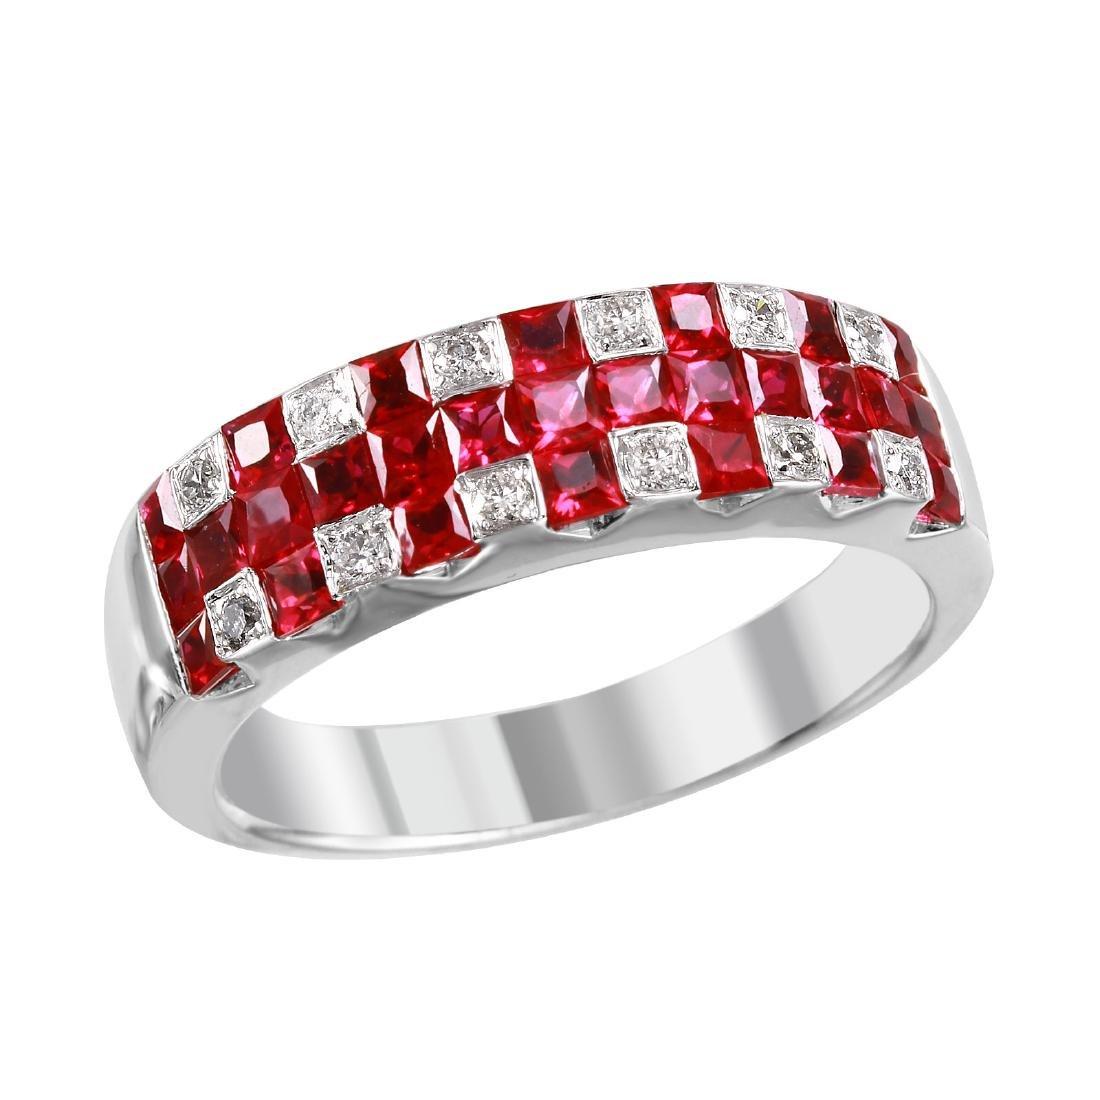 14KT White Gold Ruby & Diamond Ring